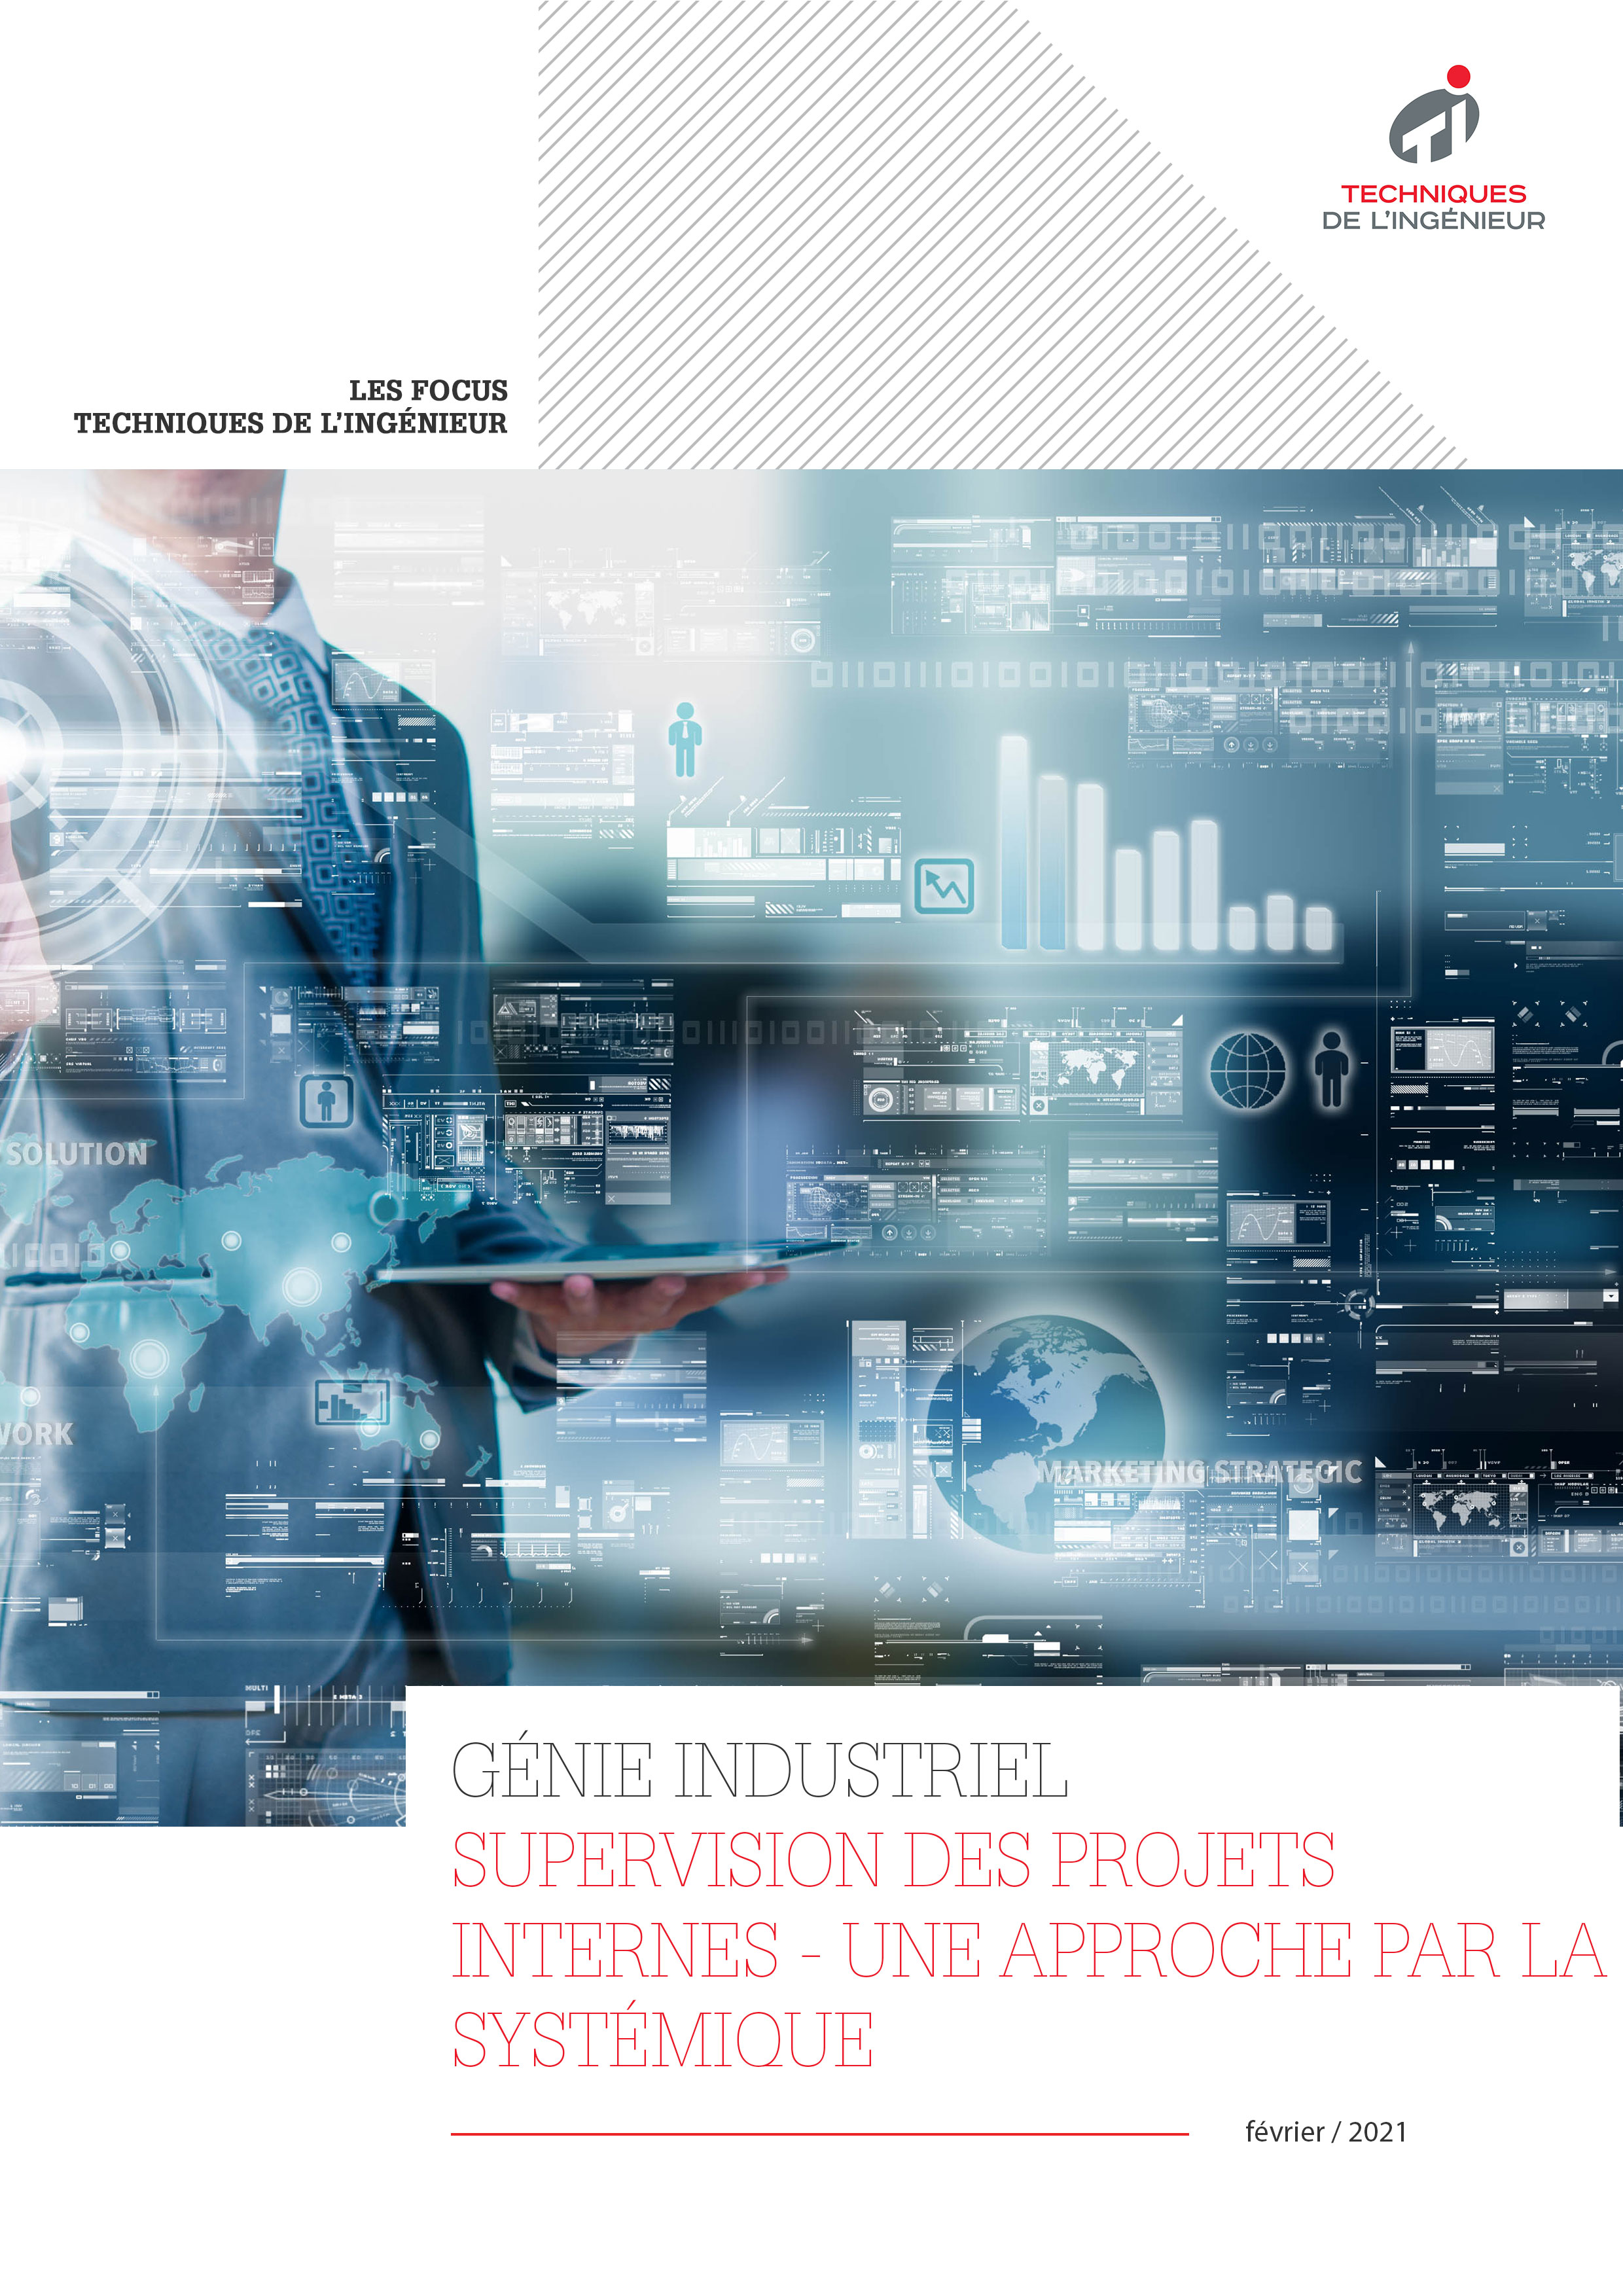 Supervision des projets internes : une approche par la systémique